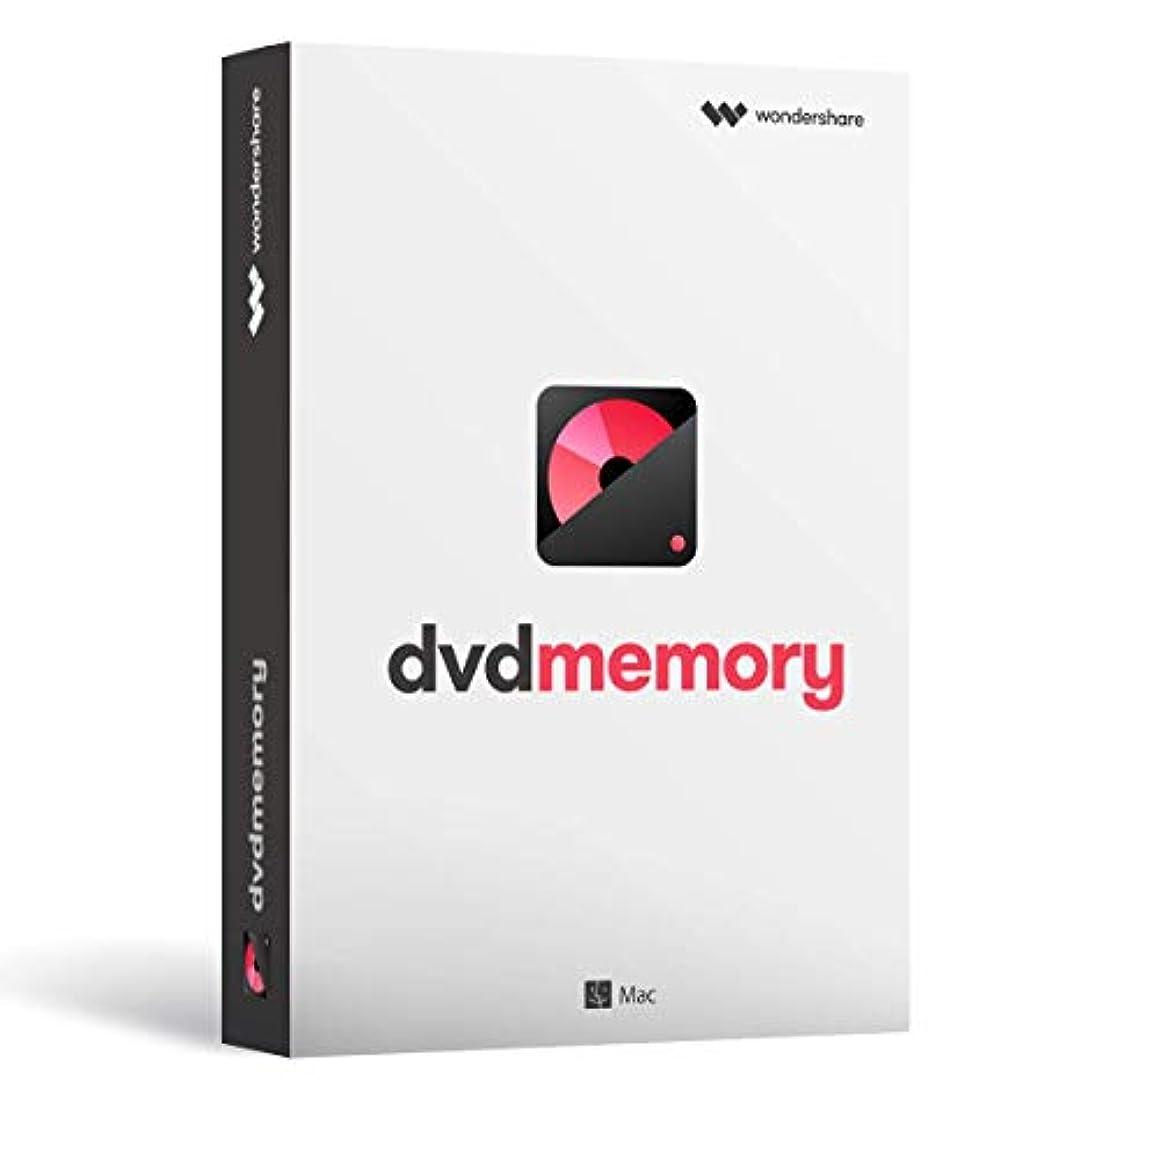 エクスタシー理論的使役Wondershare DVD Memory(Mac版) 簡単かつ強力なDVDツールボックス DVD作成 永久ライセンス ワンダーシェアー